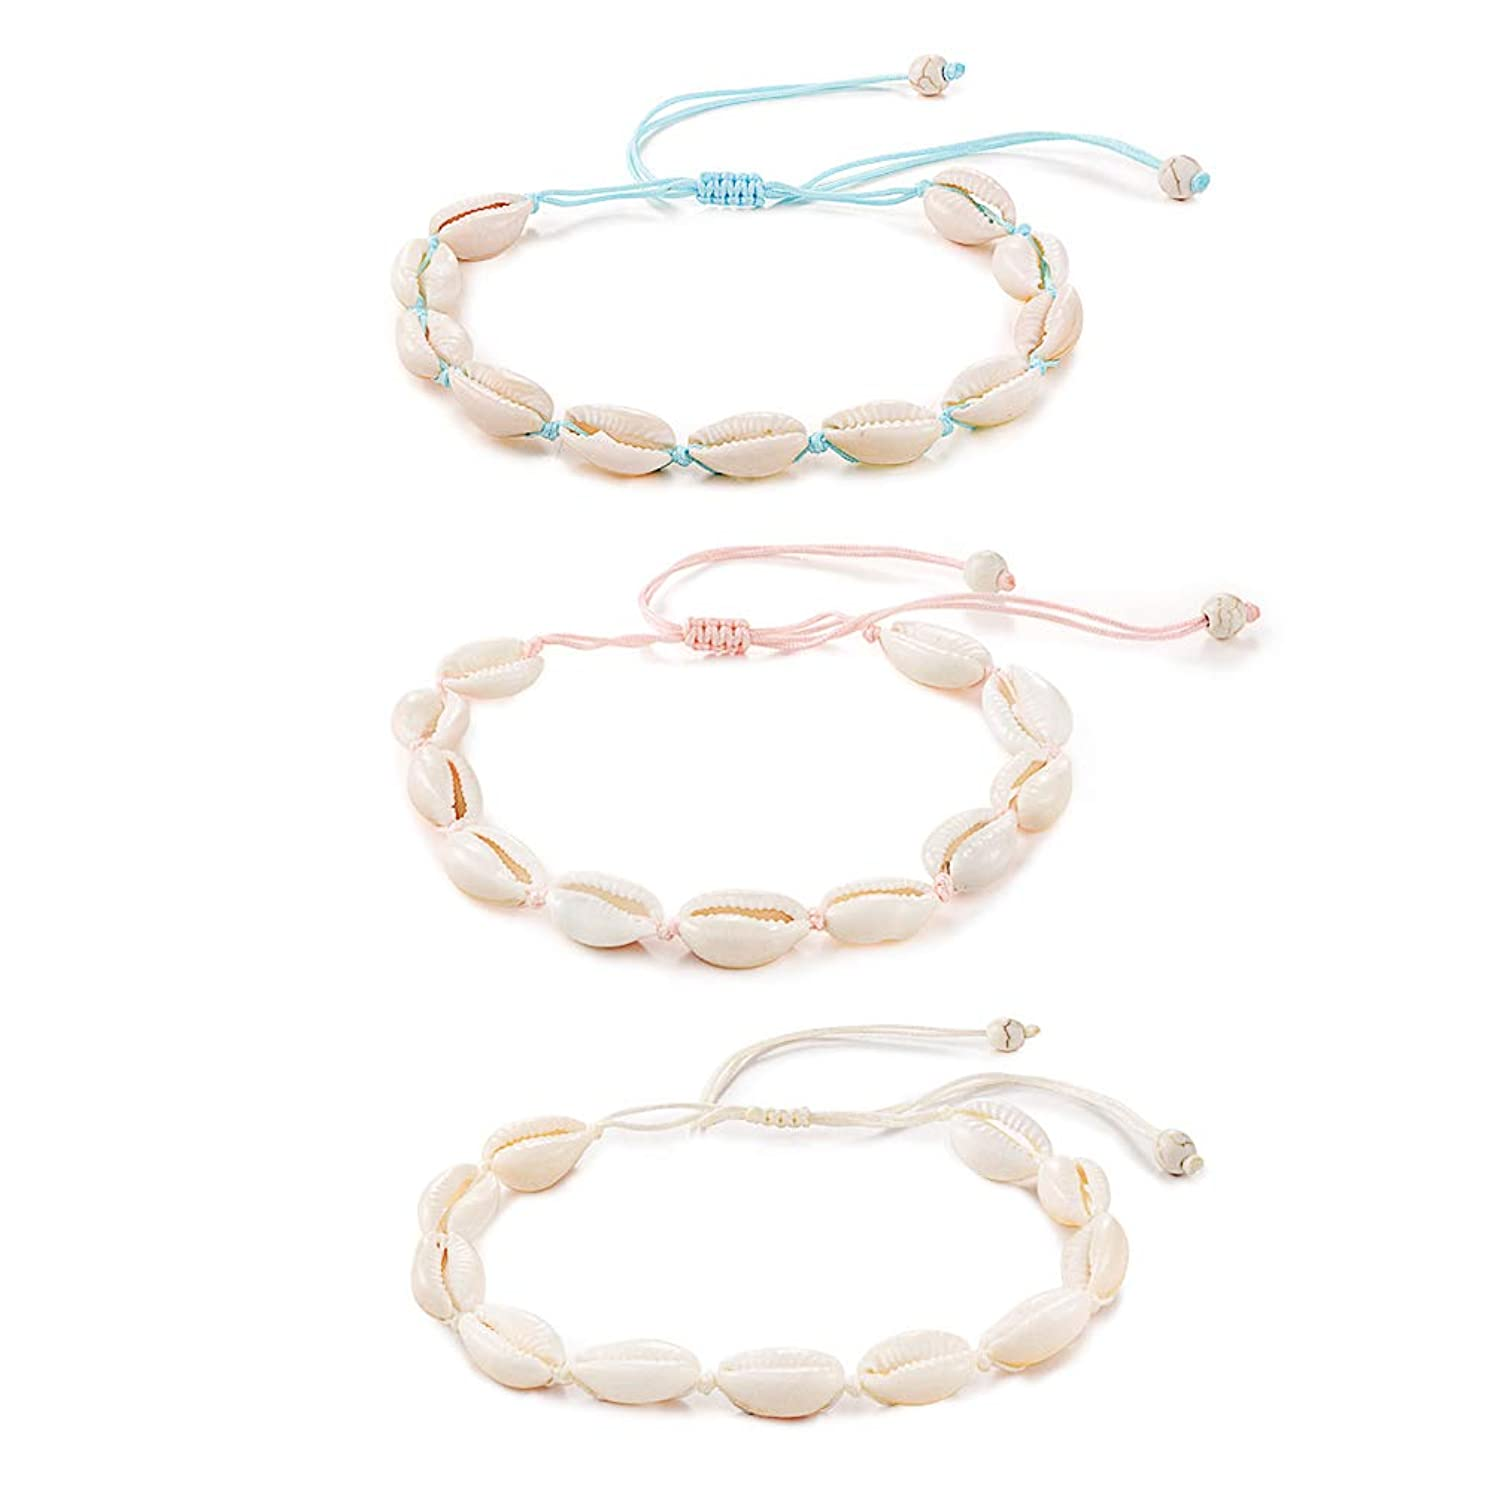 Tarsus Natural Cowrie Shell Adjustable Anklet Bracelets Handmade Boho Beach Bracelet for Women Teen Girls 3 Pcs